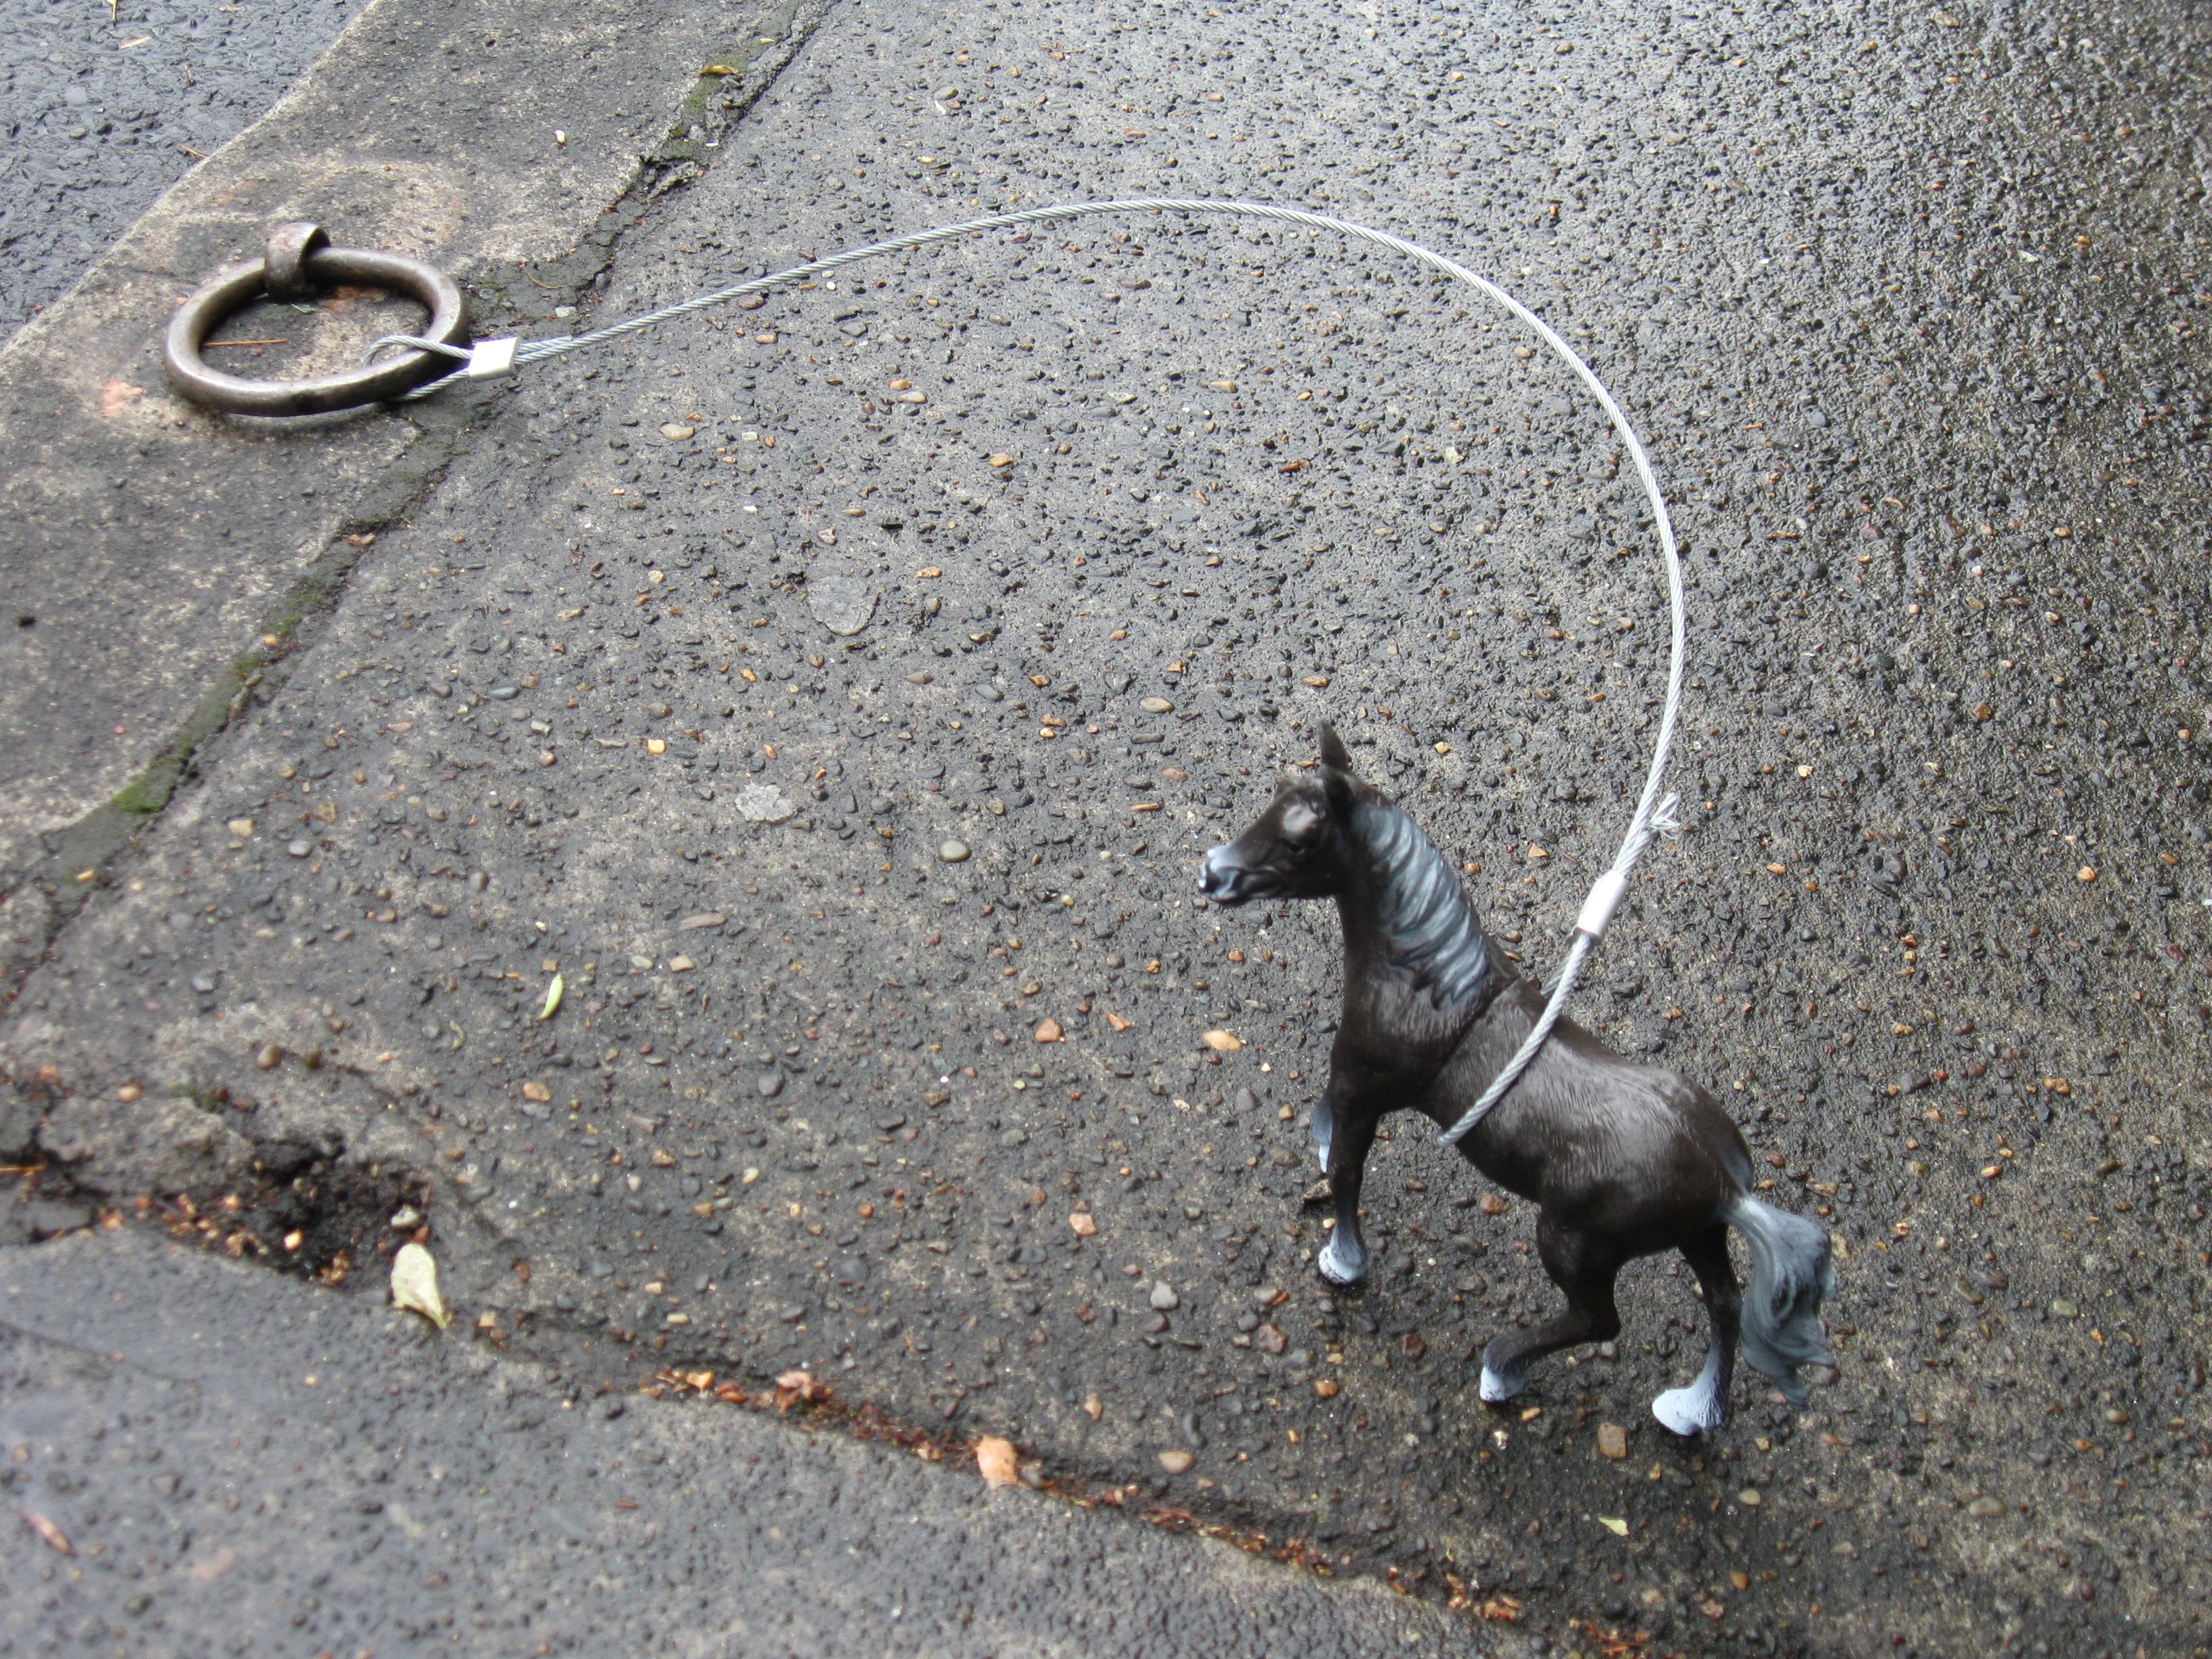 File:Tethered horse on 9th, Portland, Oregon jpg - Wikimedia